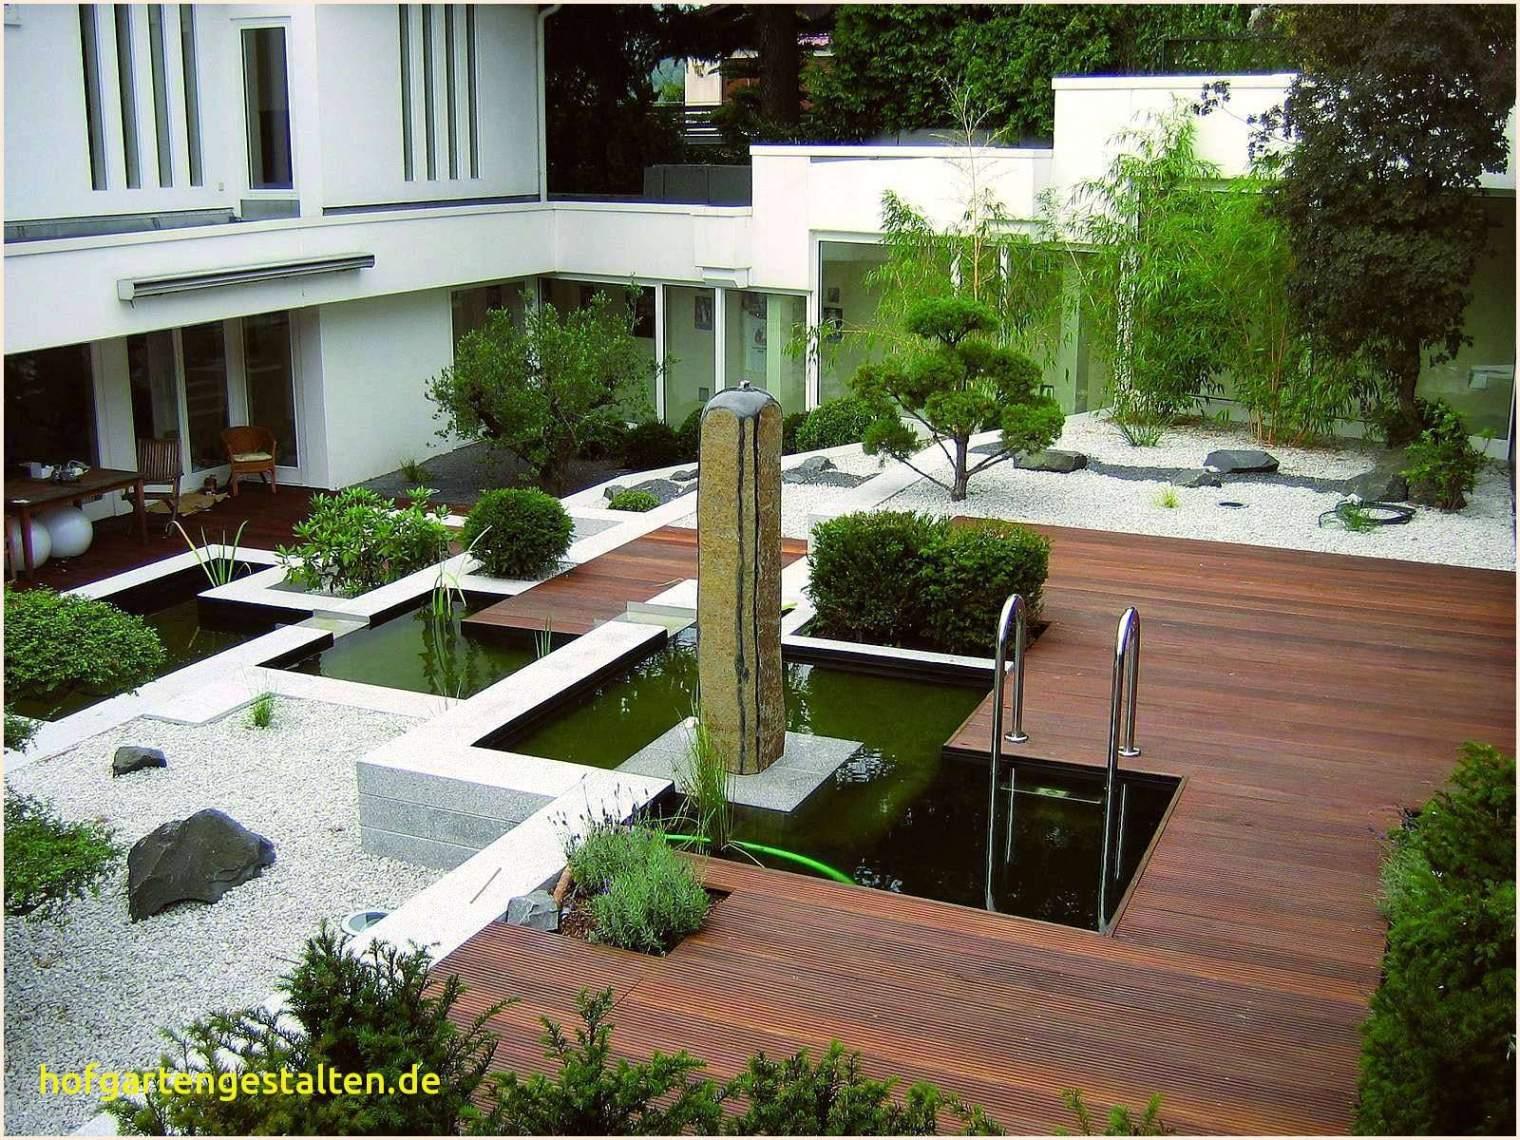 Schöne Gärten Inspirierend Kleine Pools Für Kleine Gärten — Temobardz Home Blog